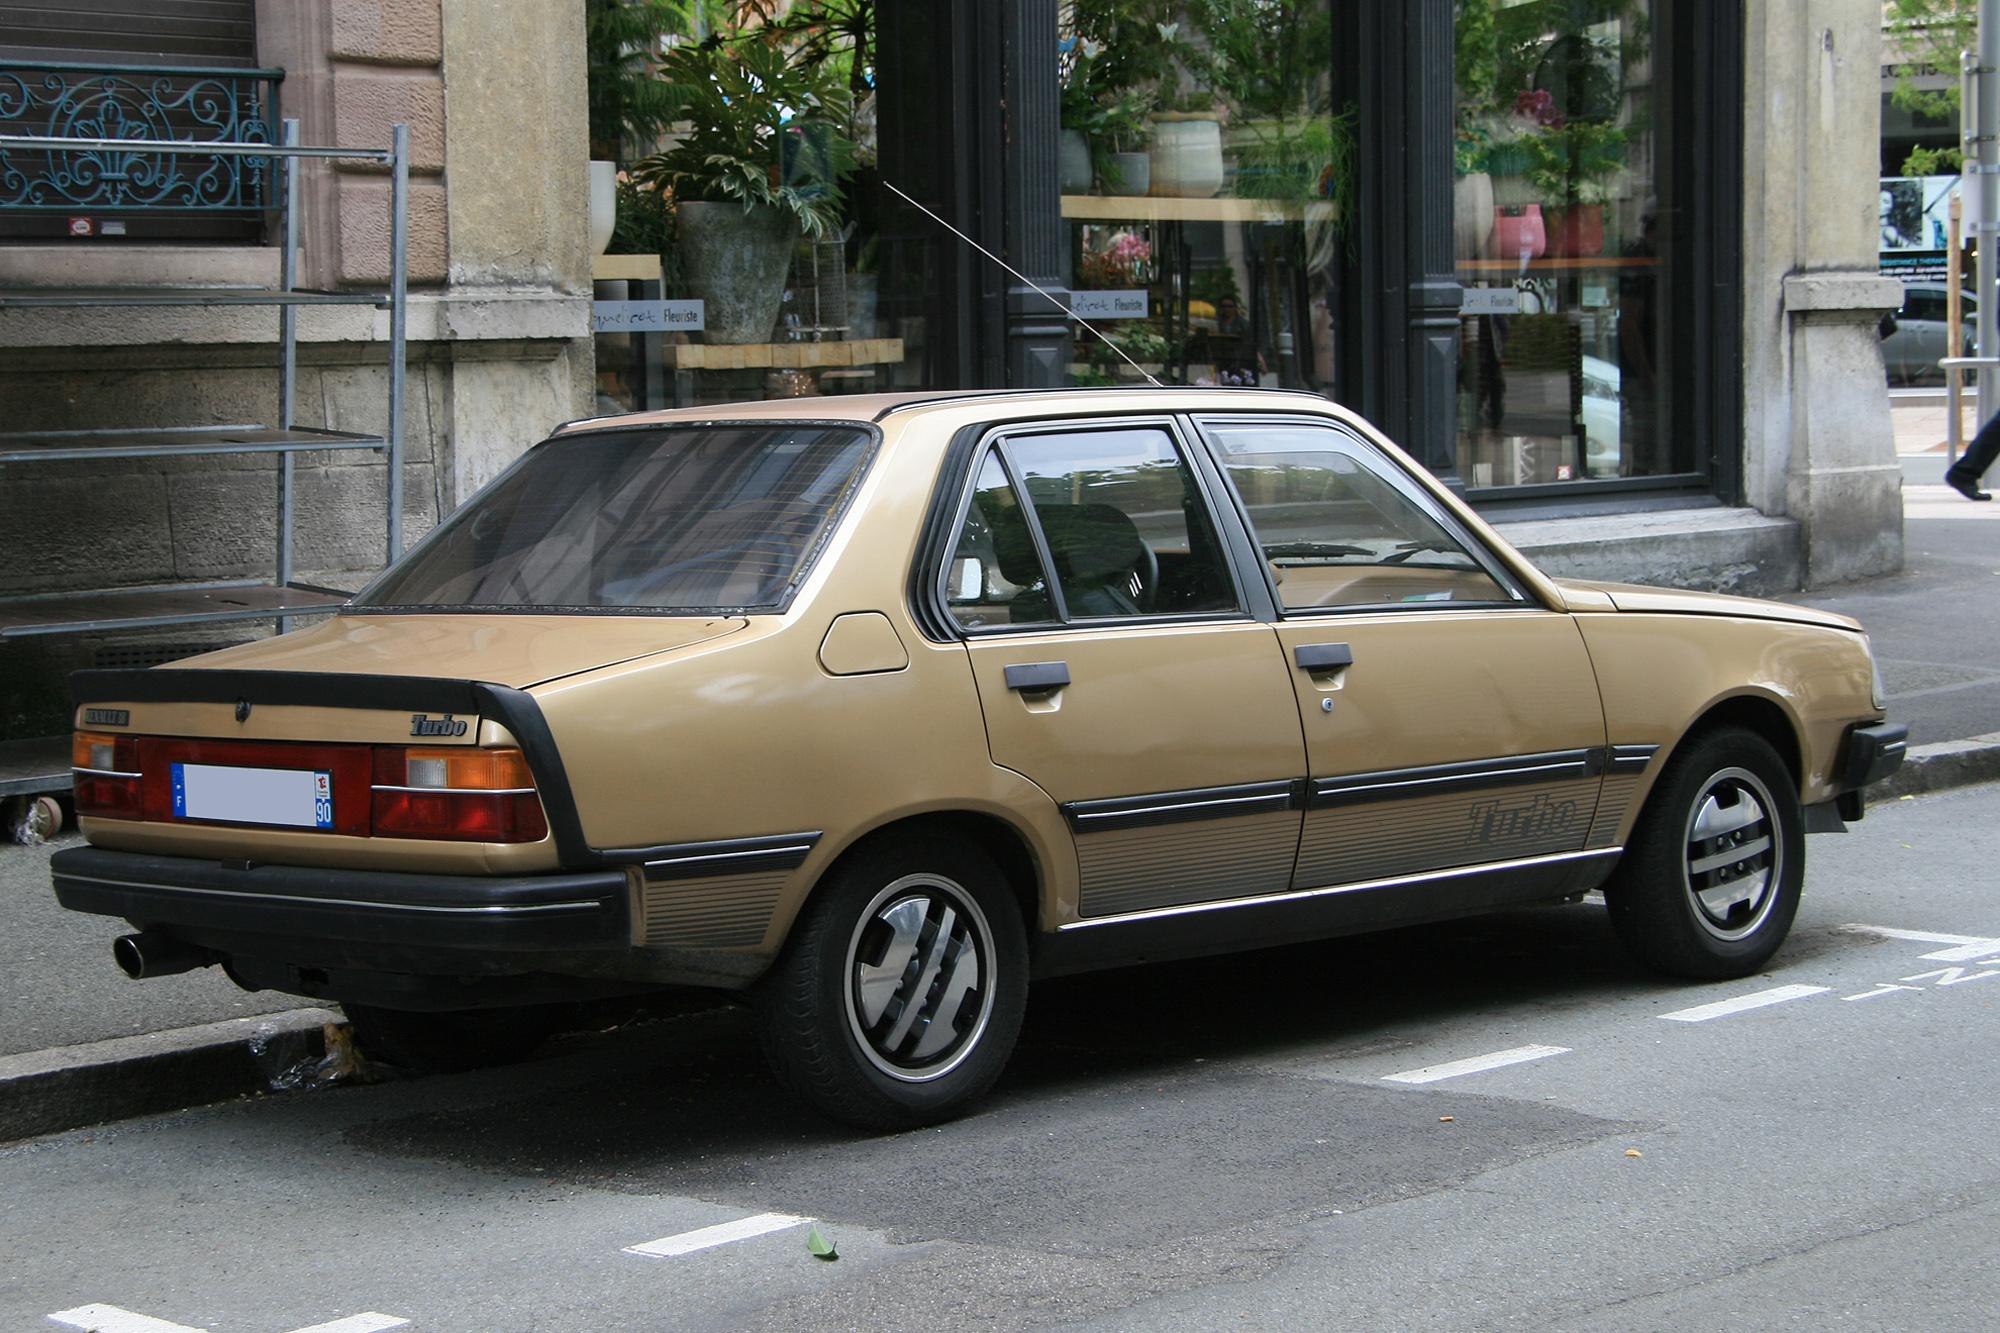 Description Du Vehicule Renault 18 Type 2 Encyclopedie Automobile Encyclautomobile Fr